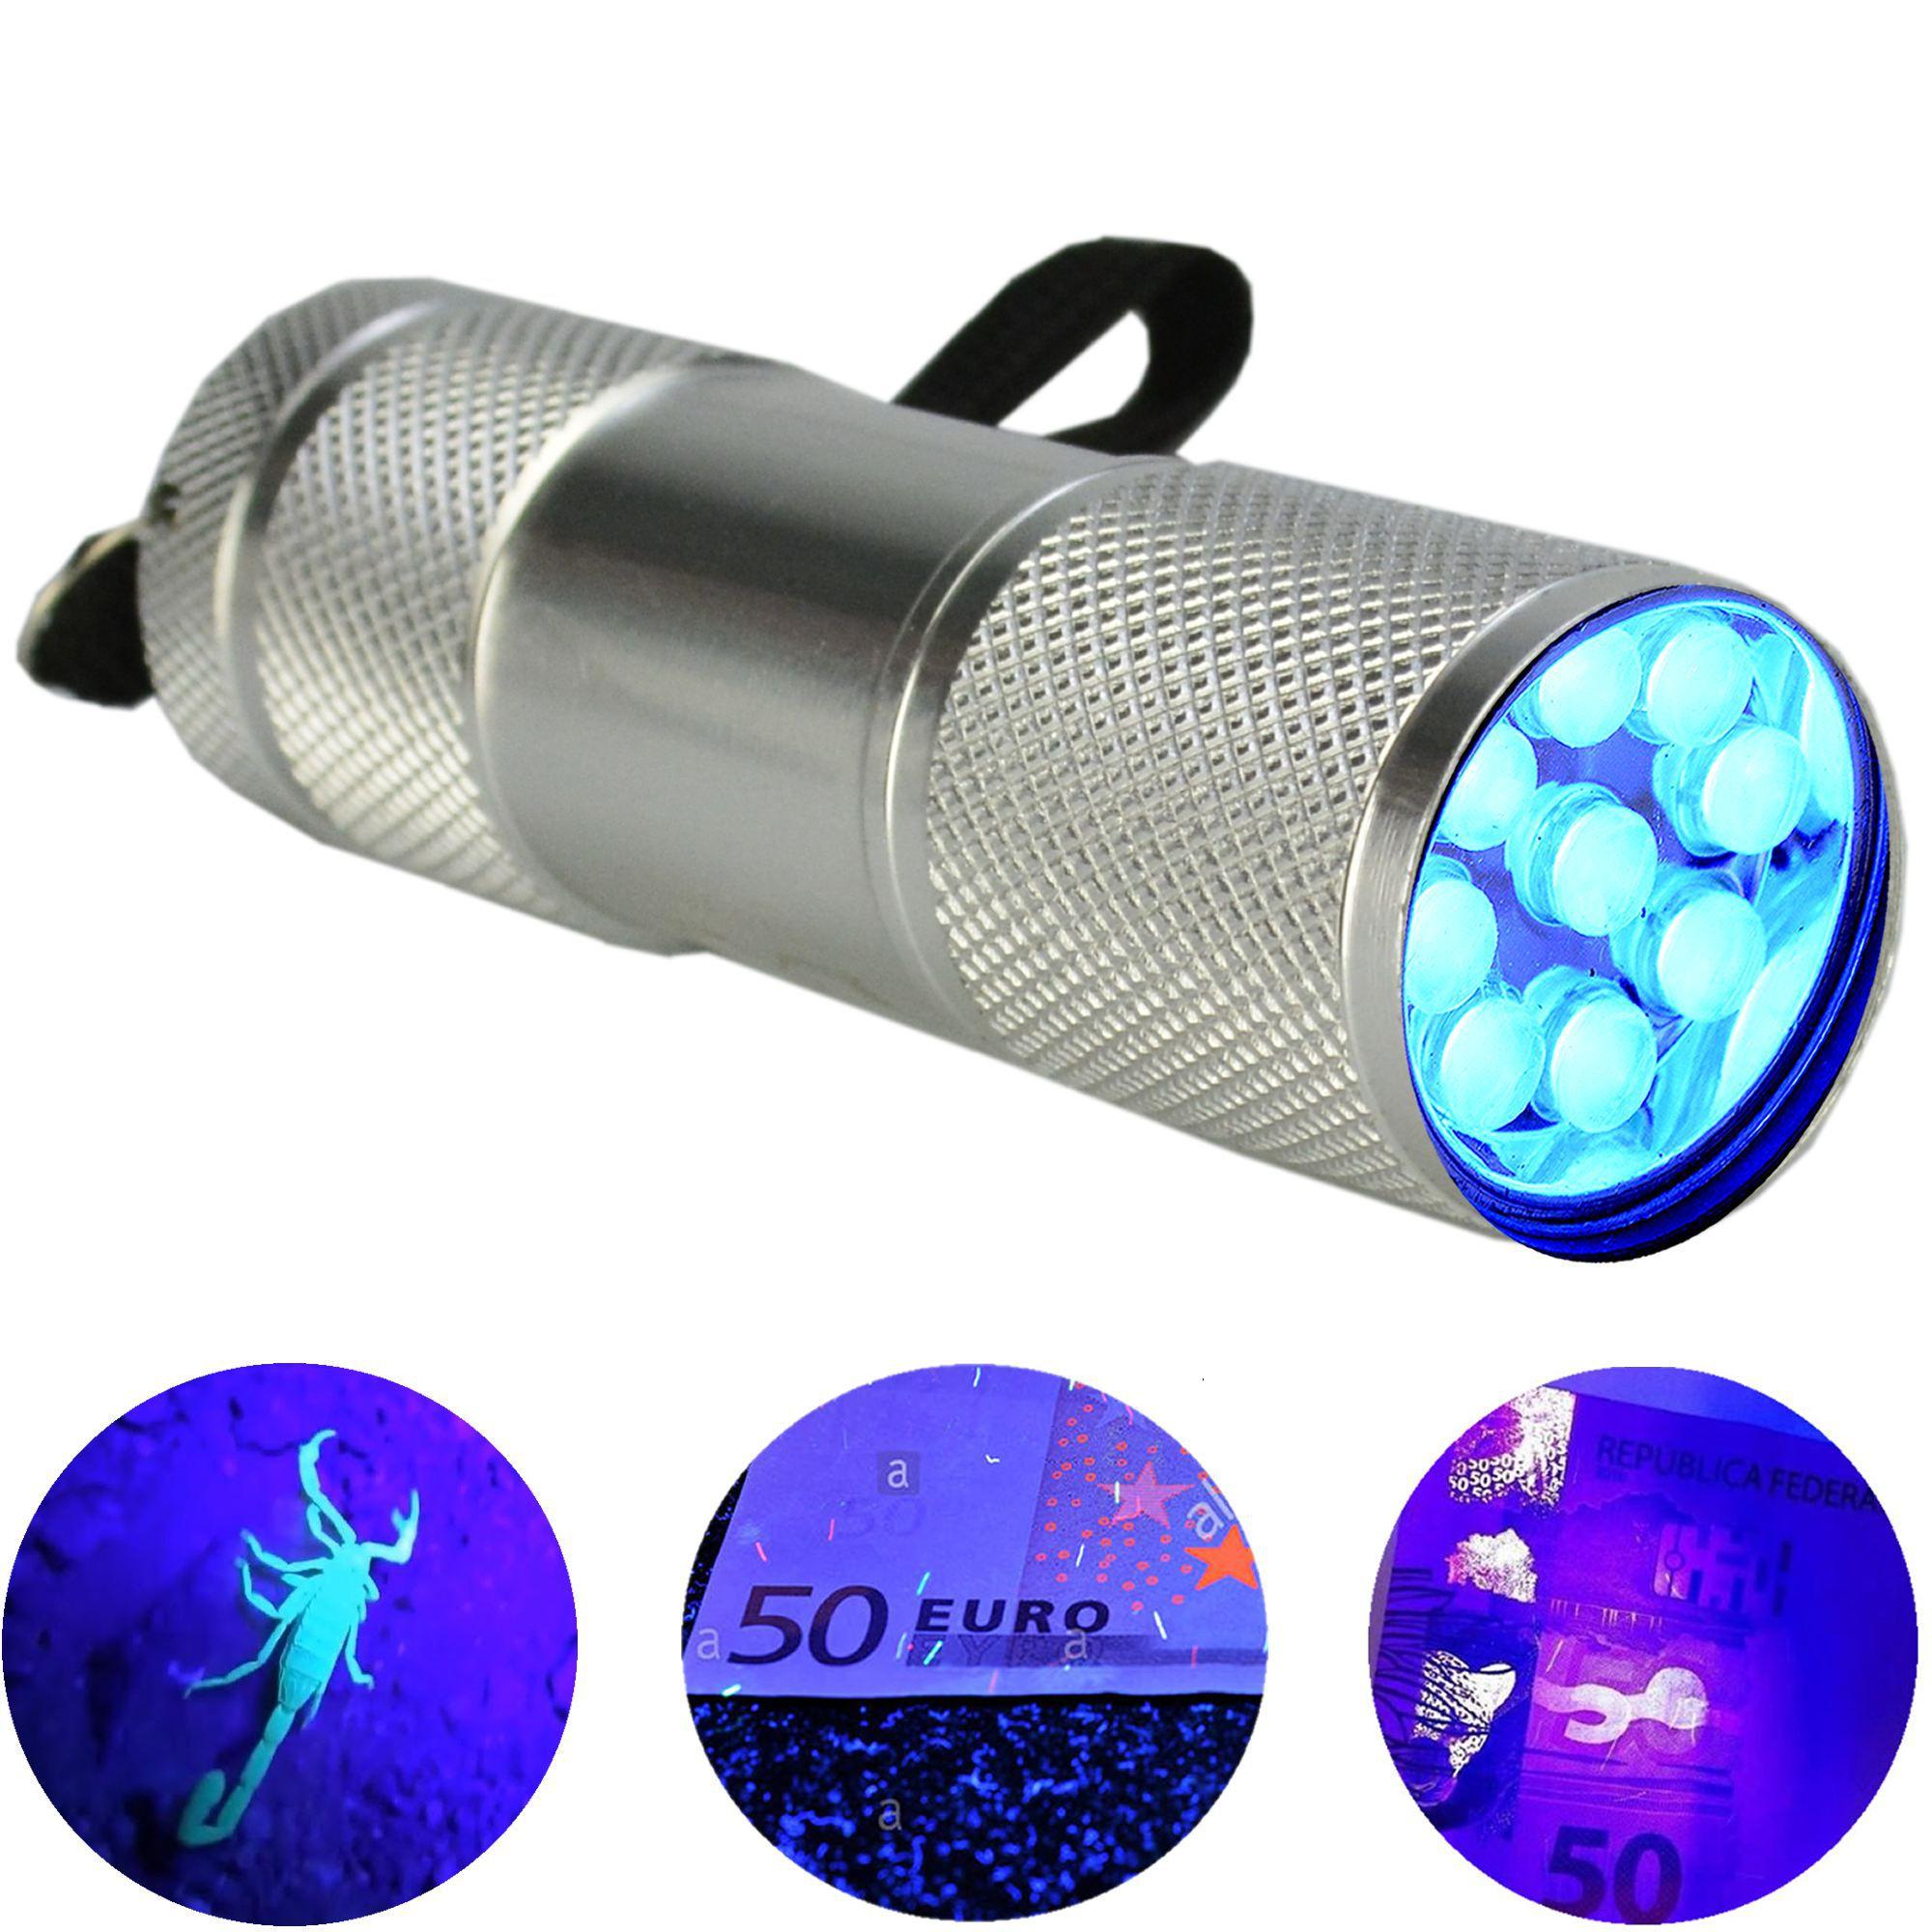 Detector de Dinheiro Falso Escorpião 9 LEDs UV Prata CBRN11827